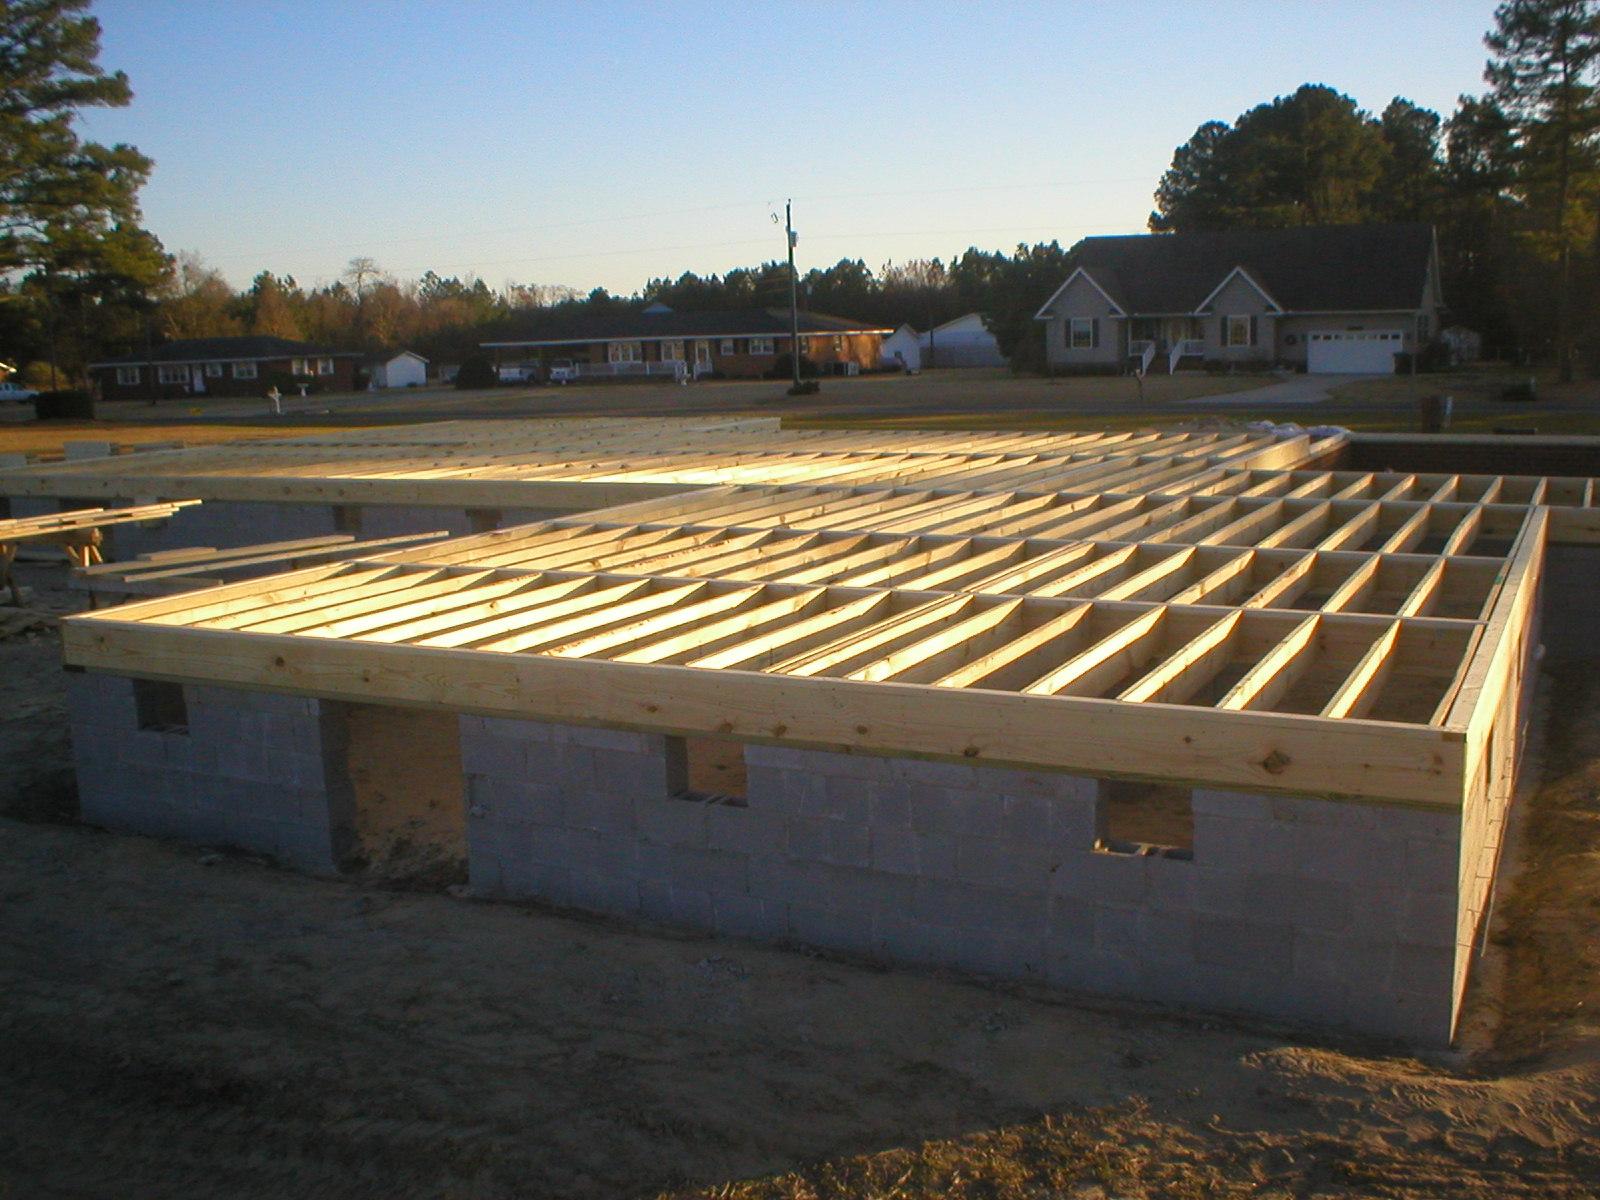 ConstructionMentor.net